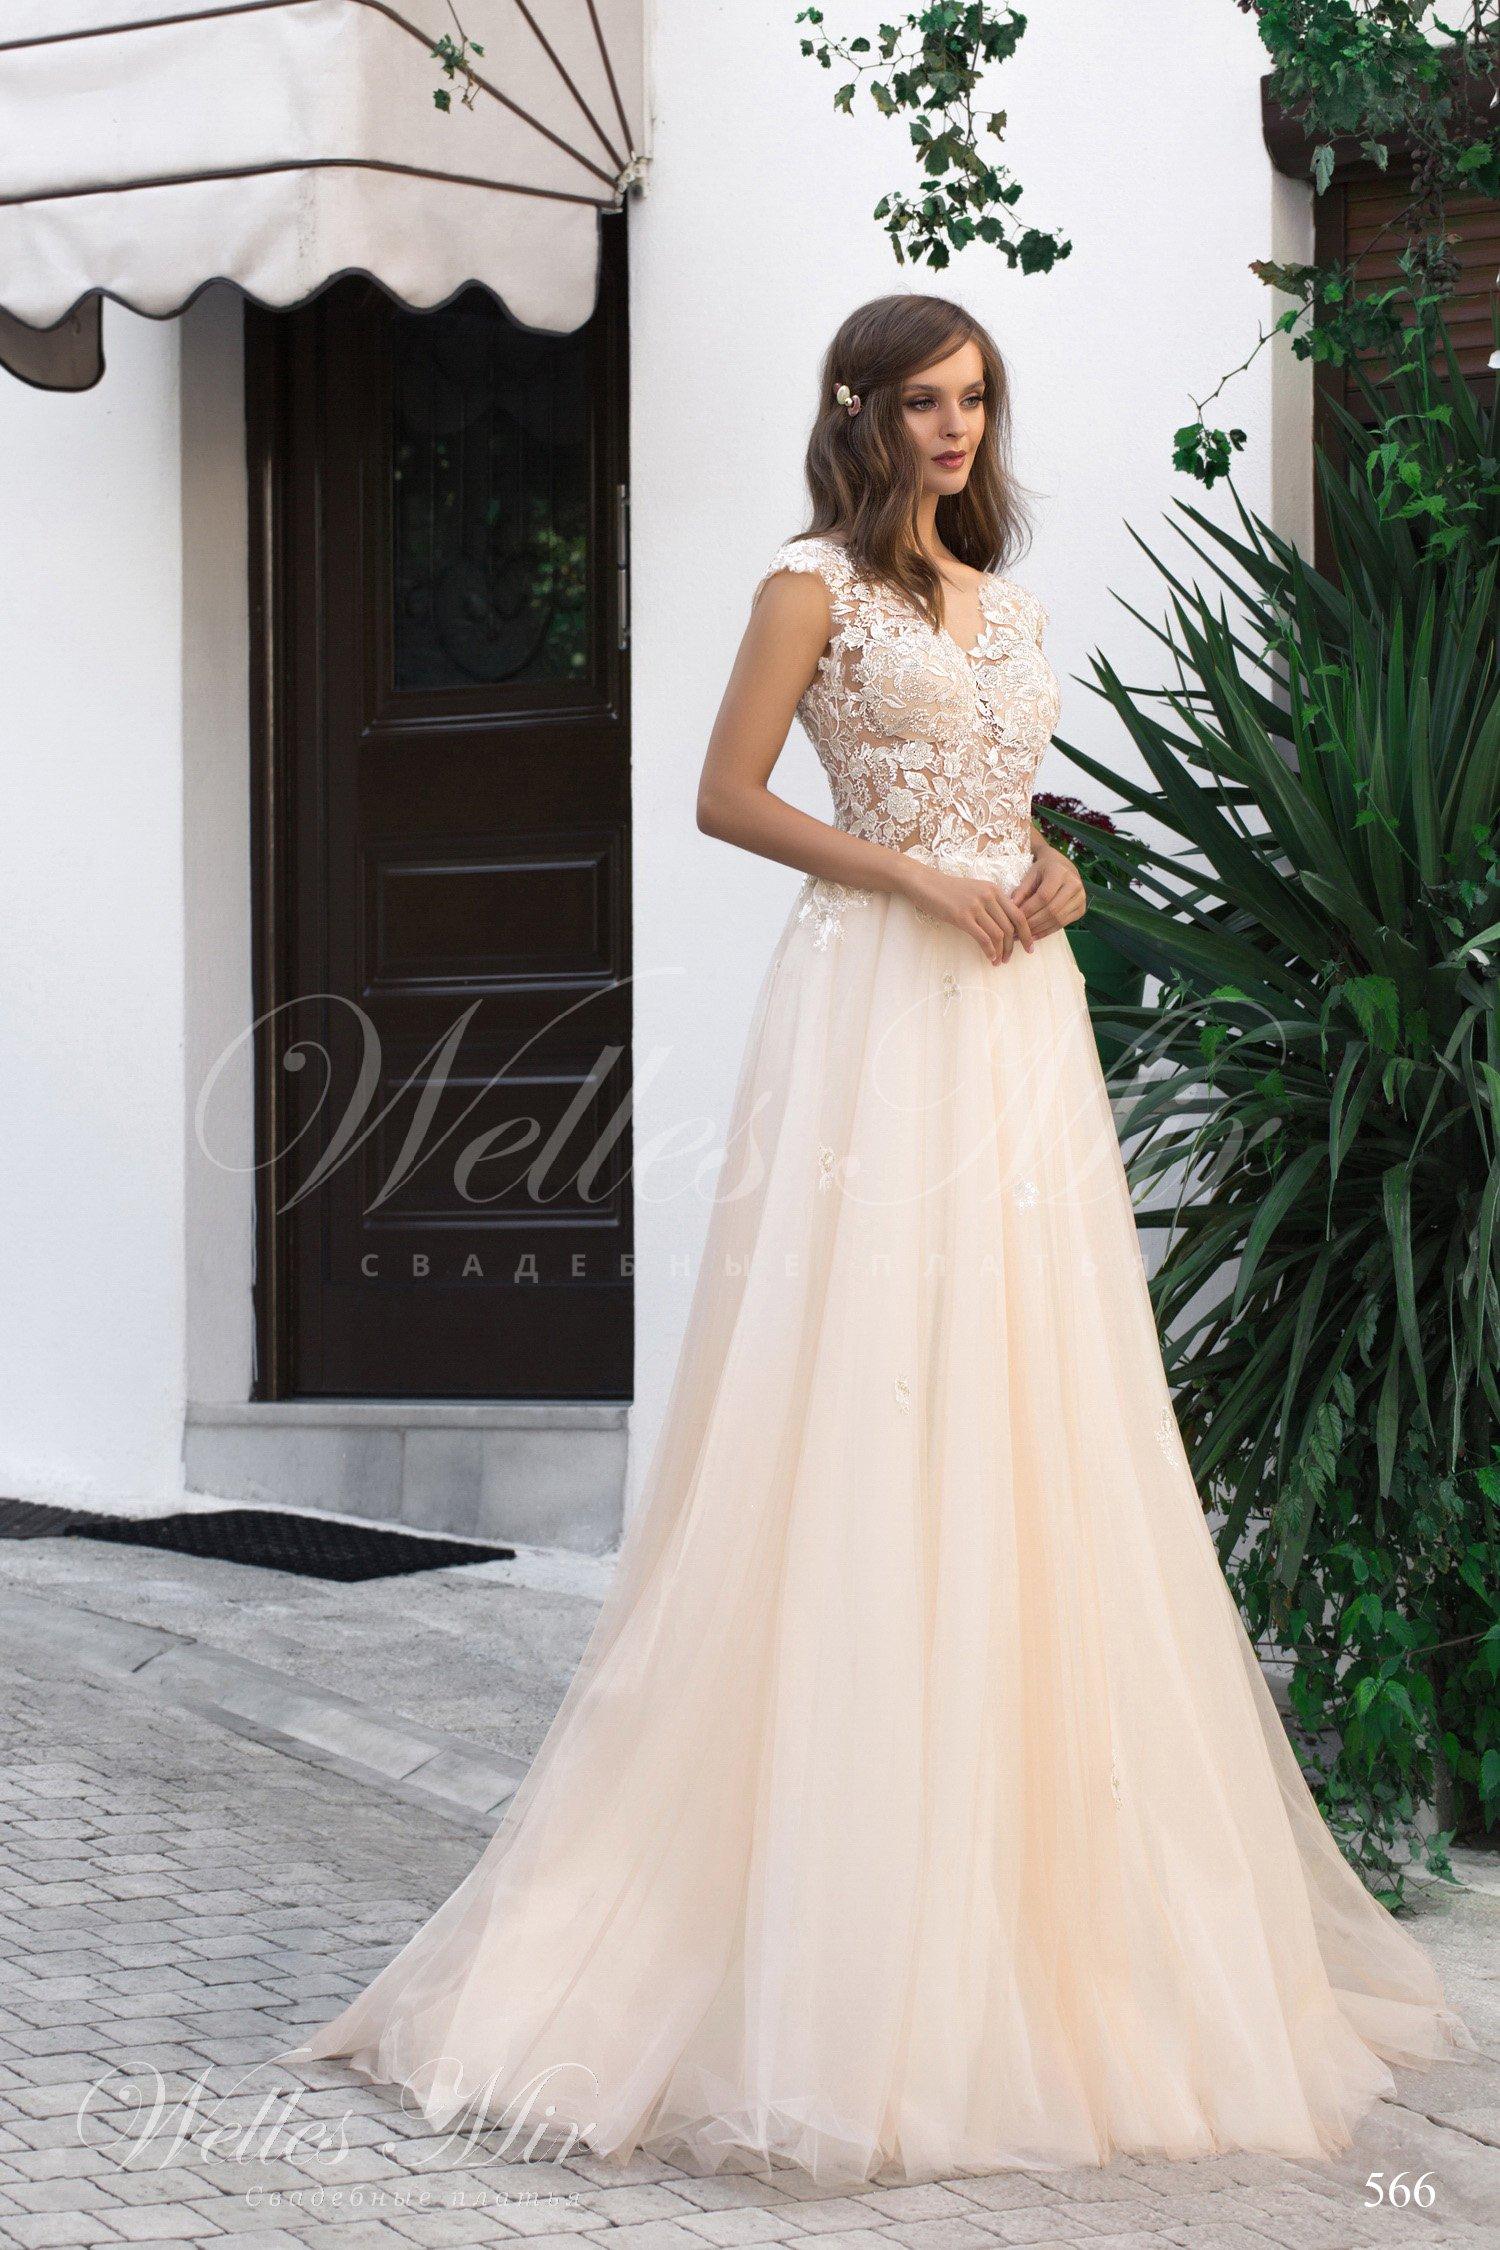 Свадебные платья Limenas Collection - 566